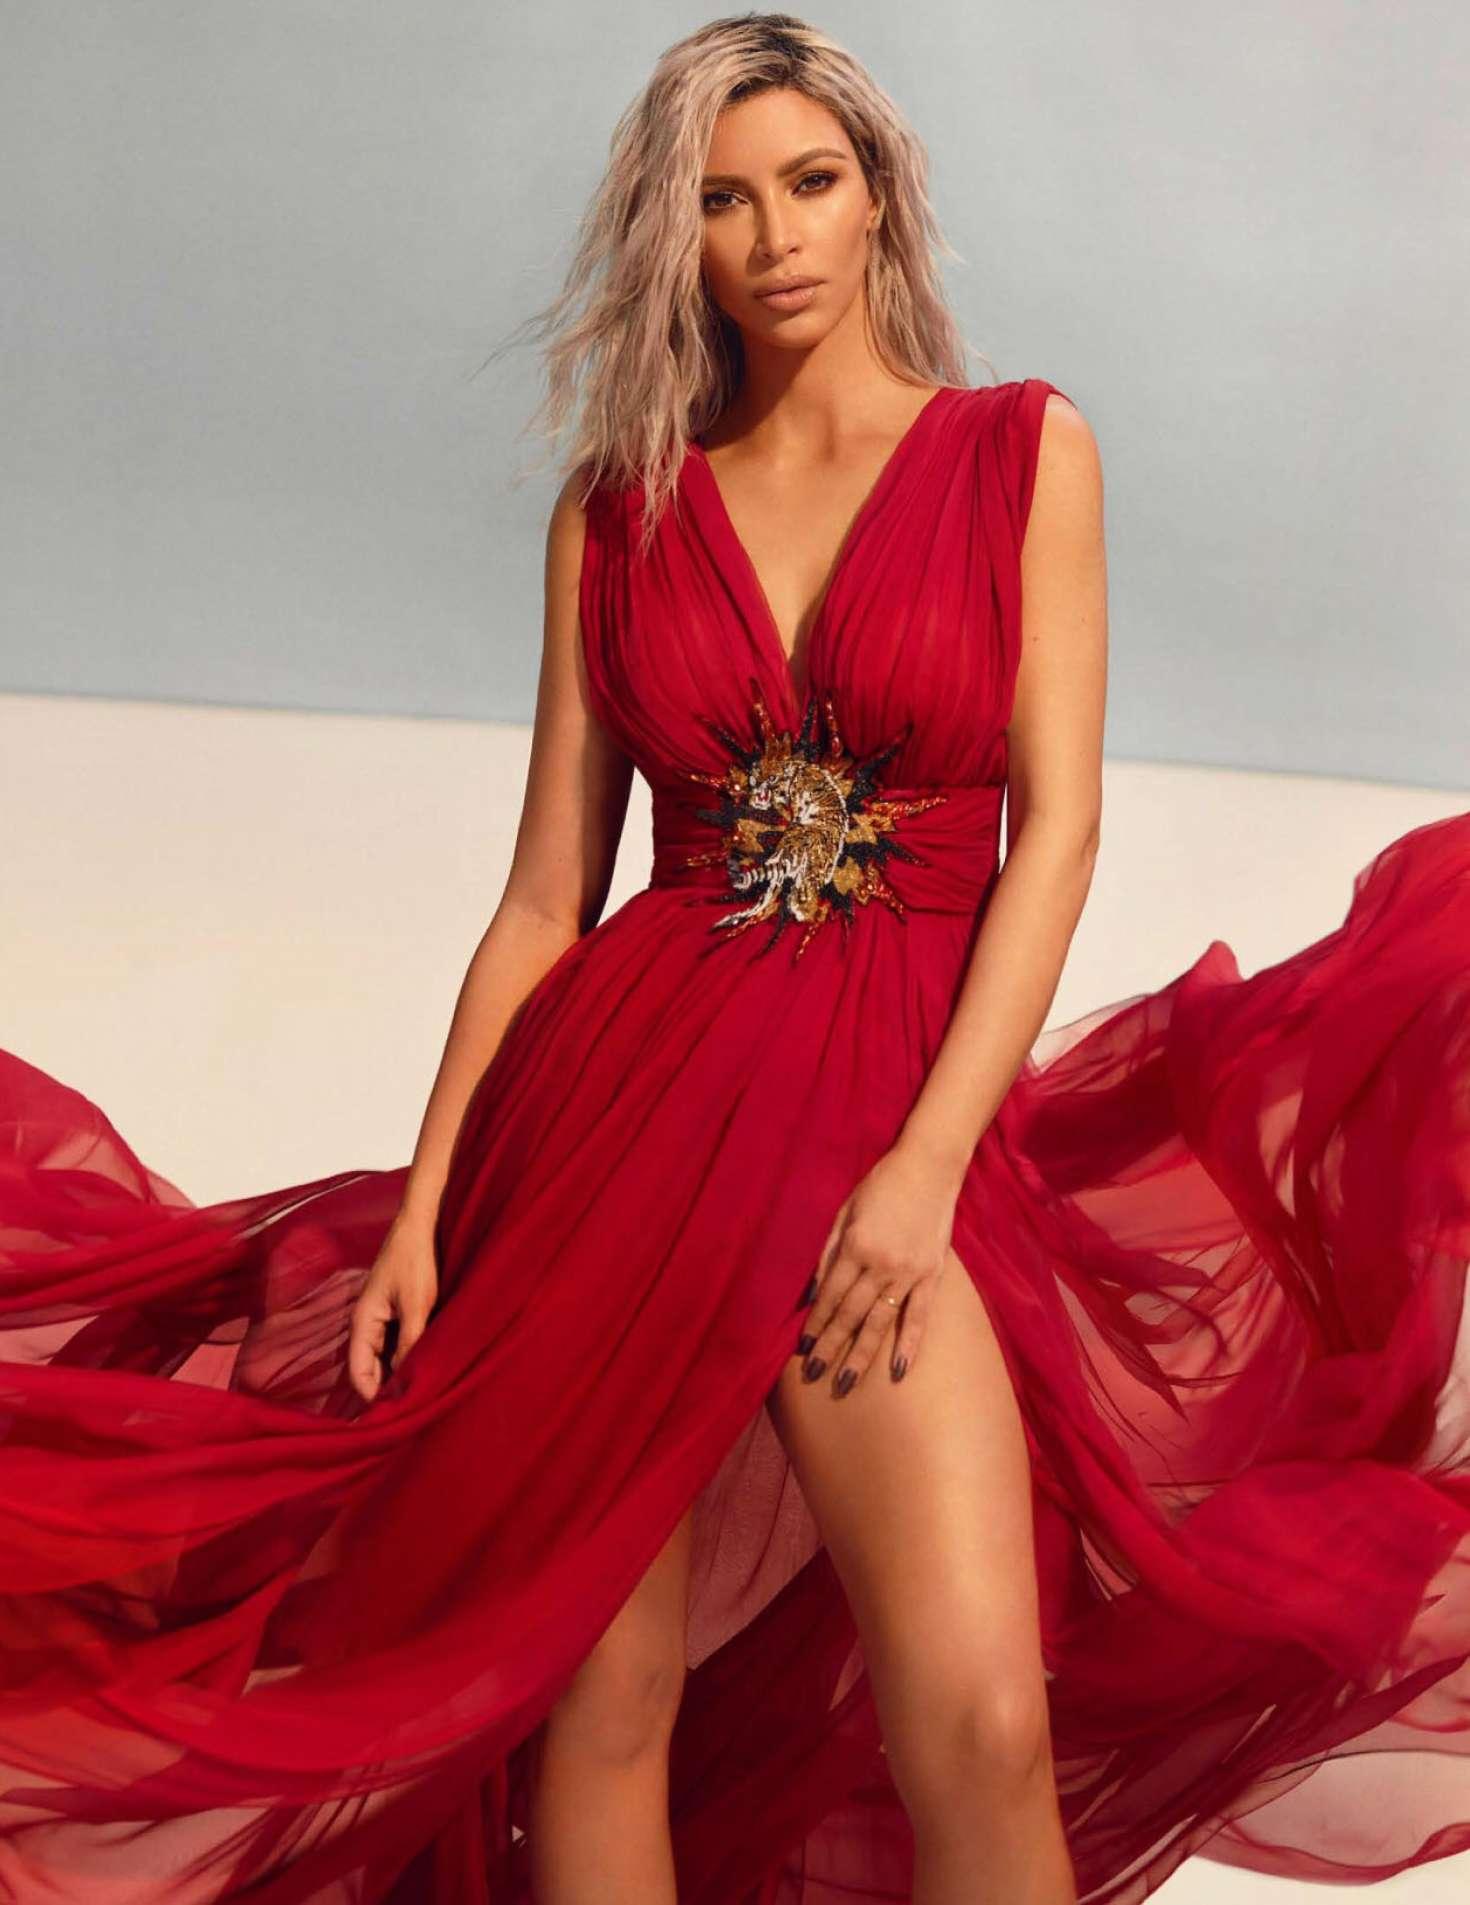 Kim Kardashian 2018 : Kim Kardashian: Vogue India 2018 adds -13